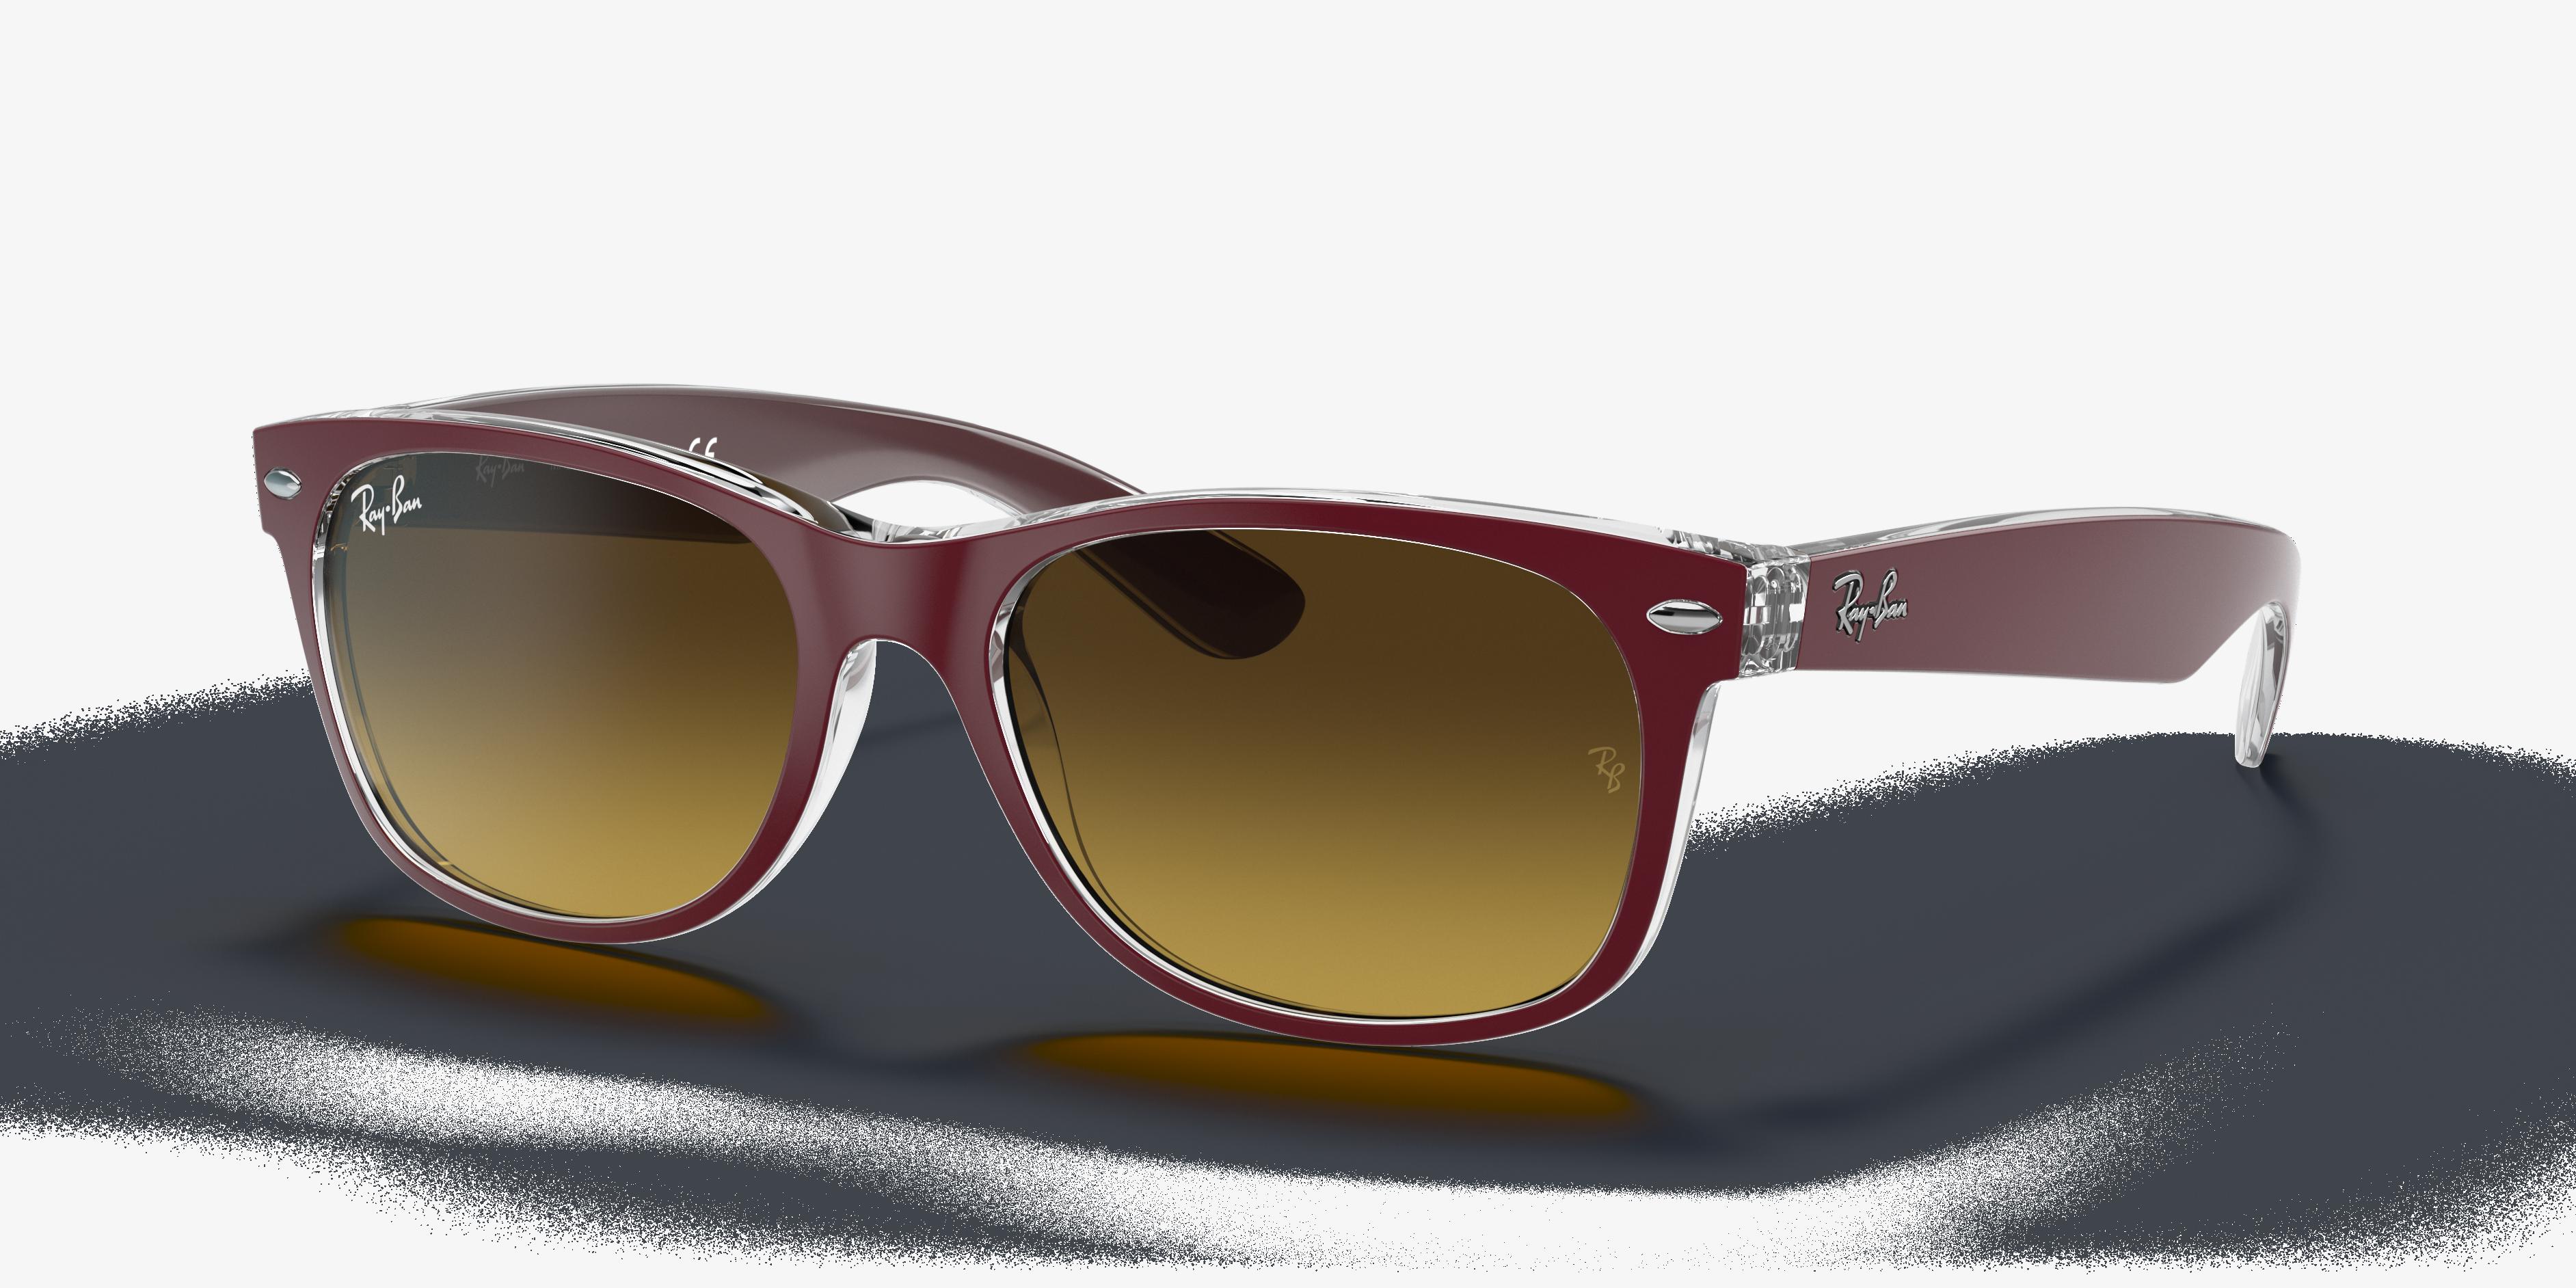 Ray-Ban New Wayfarer Color Mix Bordeaux, Brown Lenses - RB2132